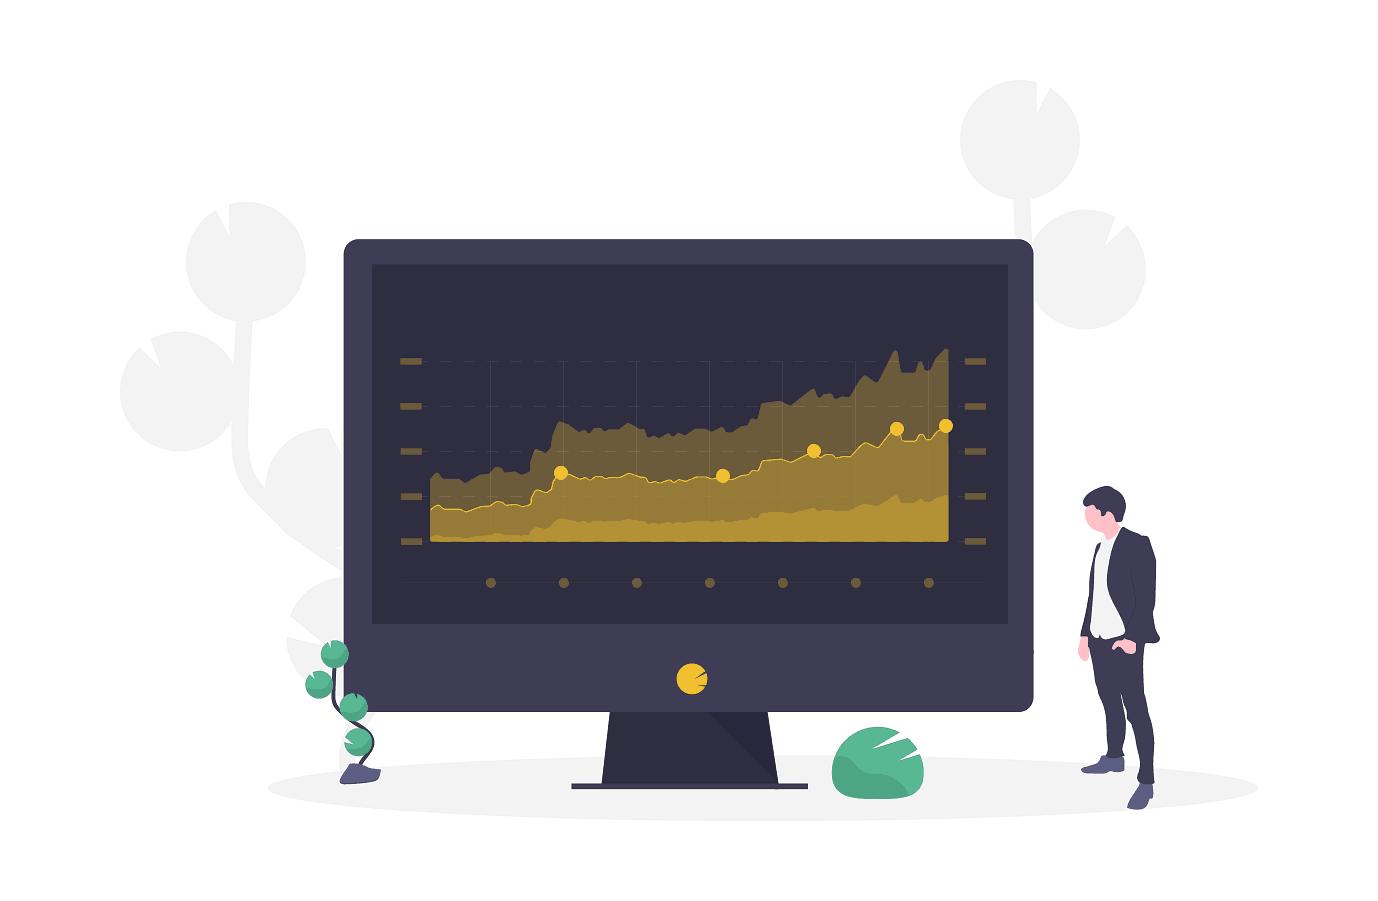 Wisite בניית אתרים לעסקים - נתונים מתקדמים לטובת ניהול, בקרה, אופטימיזציה, שיפור והעלאת רווחיות.